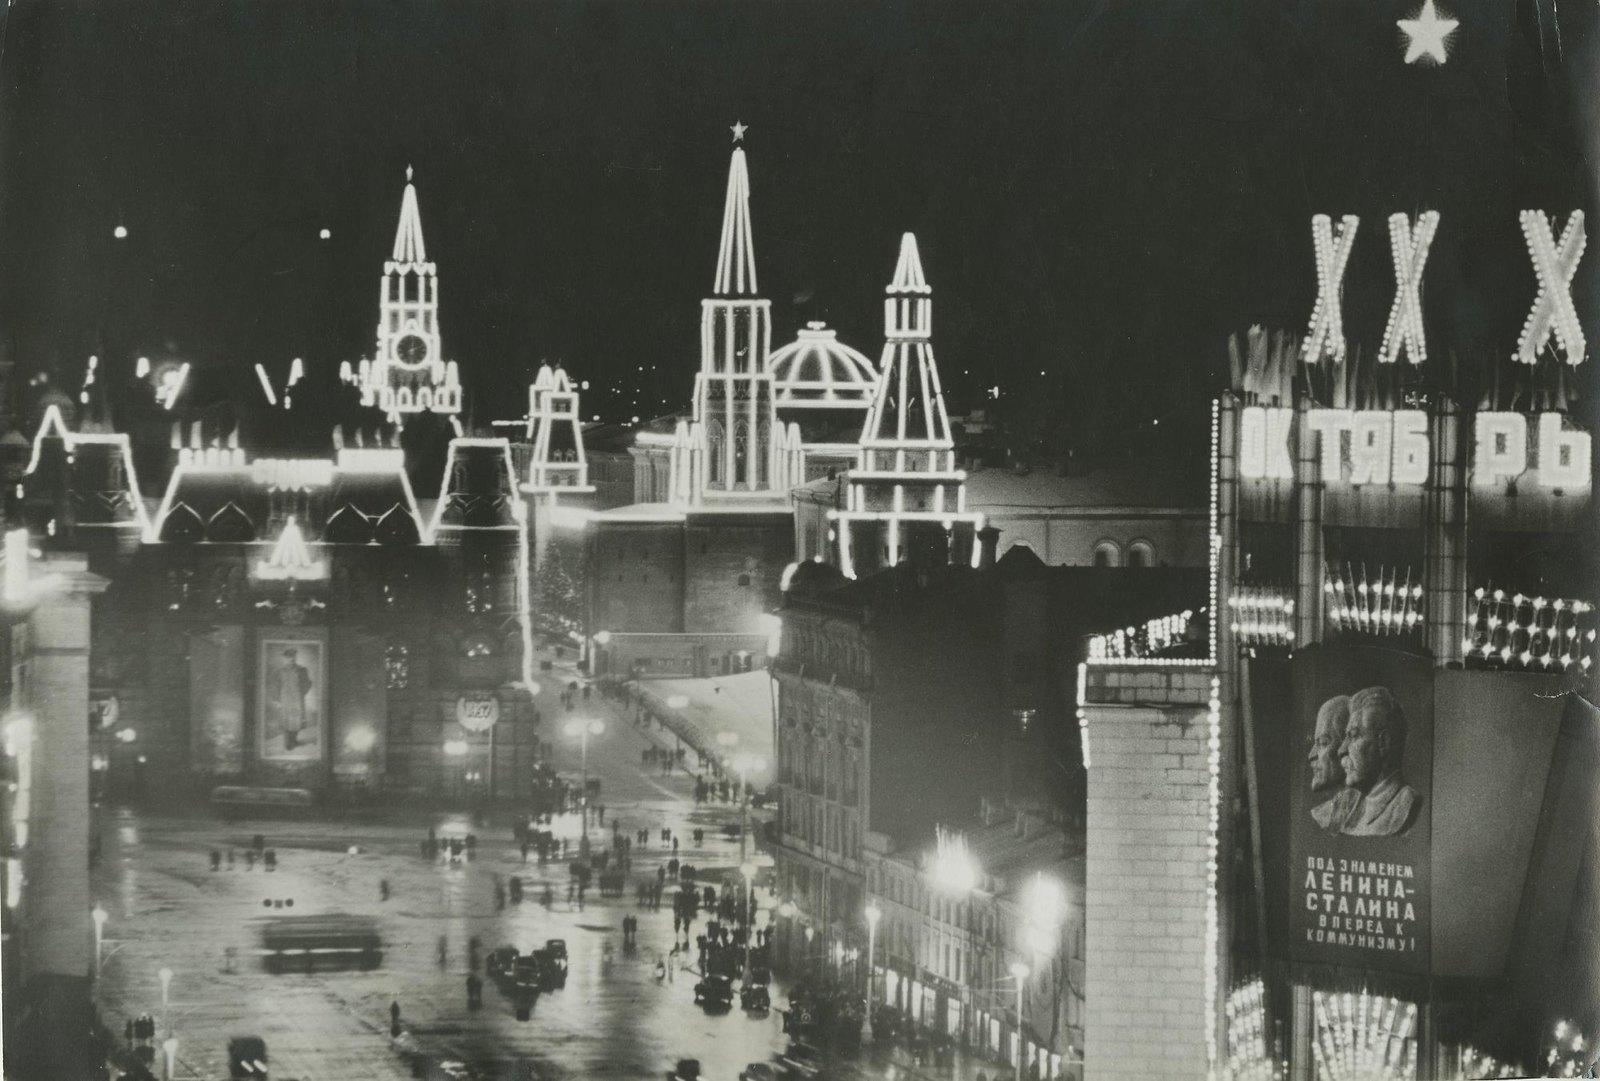 1947. Москва вечером. Тридцать лет Октября